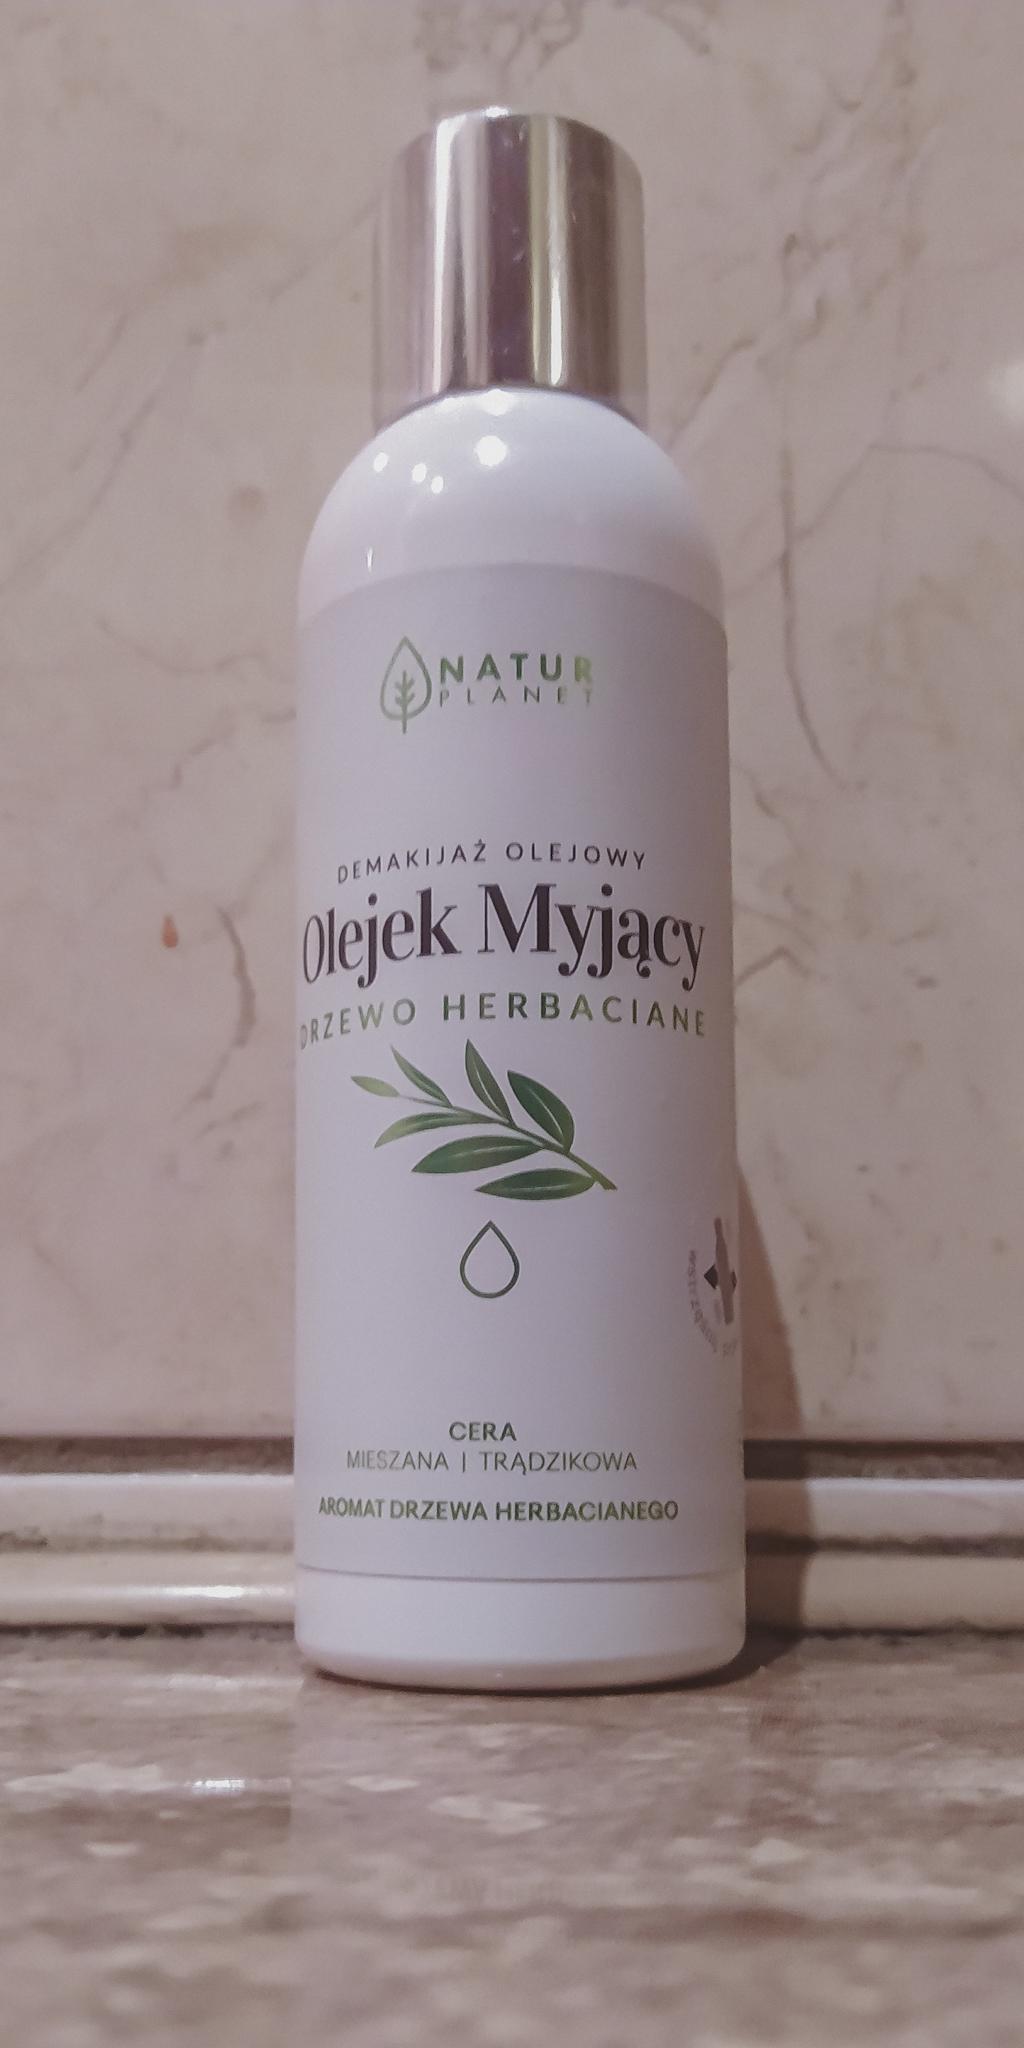 Natur Planet Olejek Myjący Drzewo Herbaciane - naturalny demakijaż. Recenzja